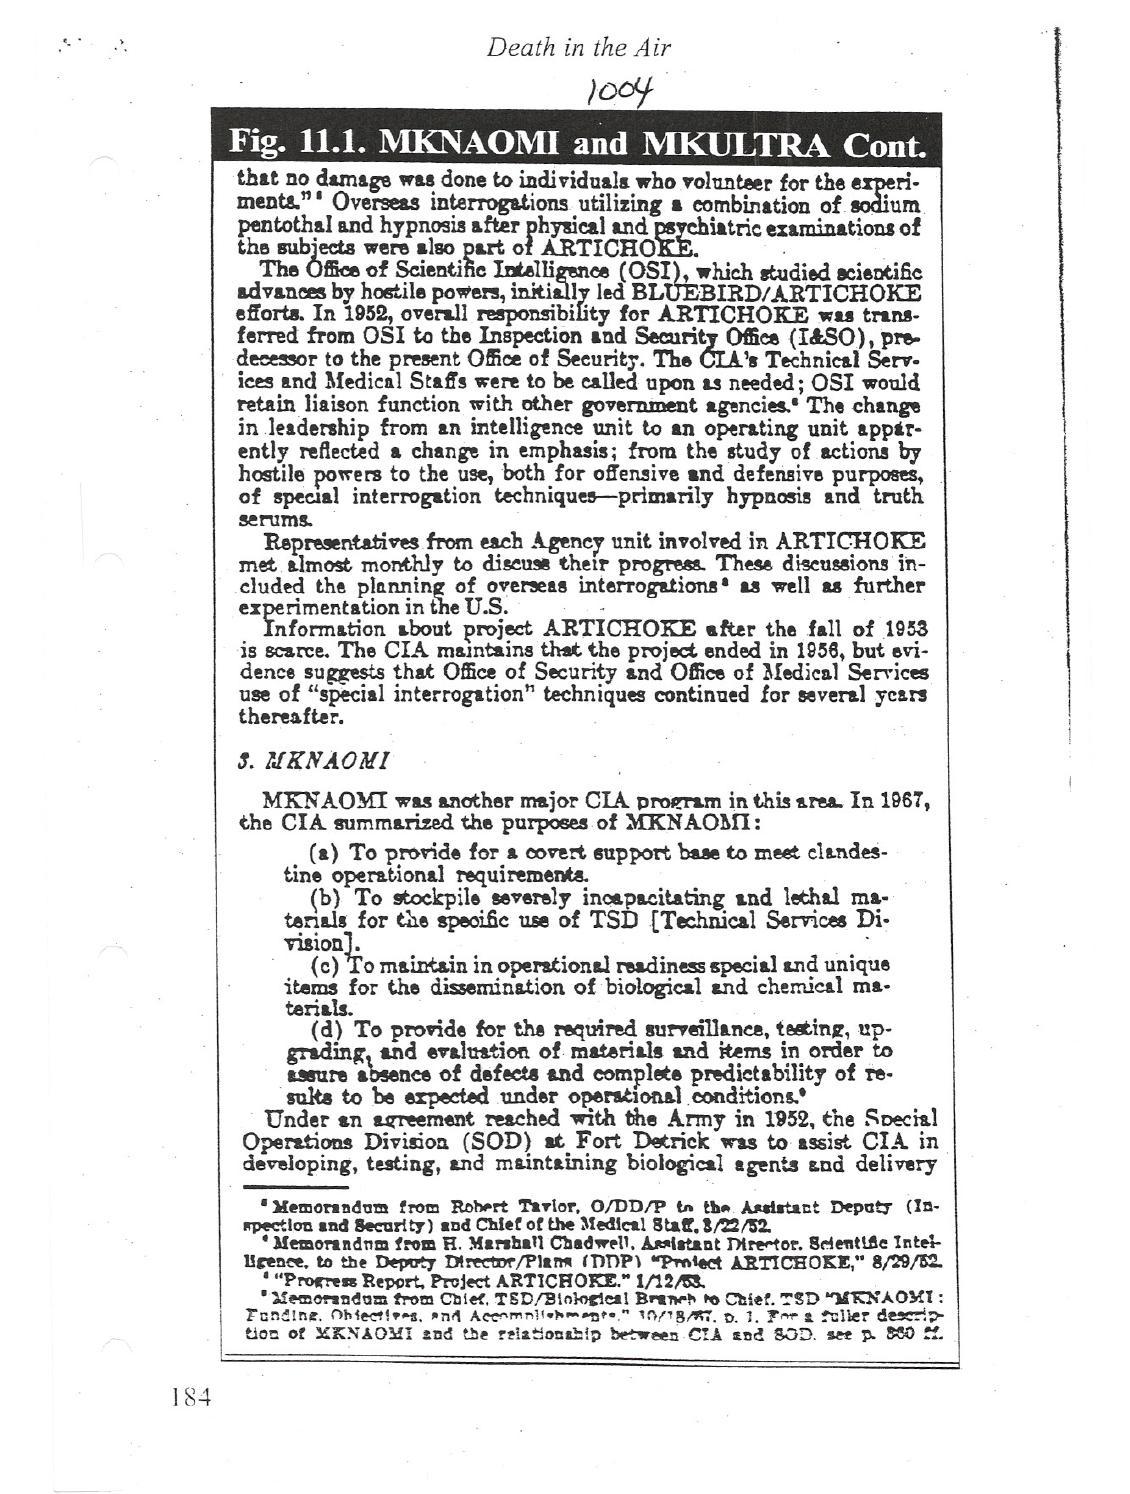 06-06-17: A696-04: [4] T 84 4-86 5: NCIS Iatrogenic AIDS Docs & AIDS Corr